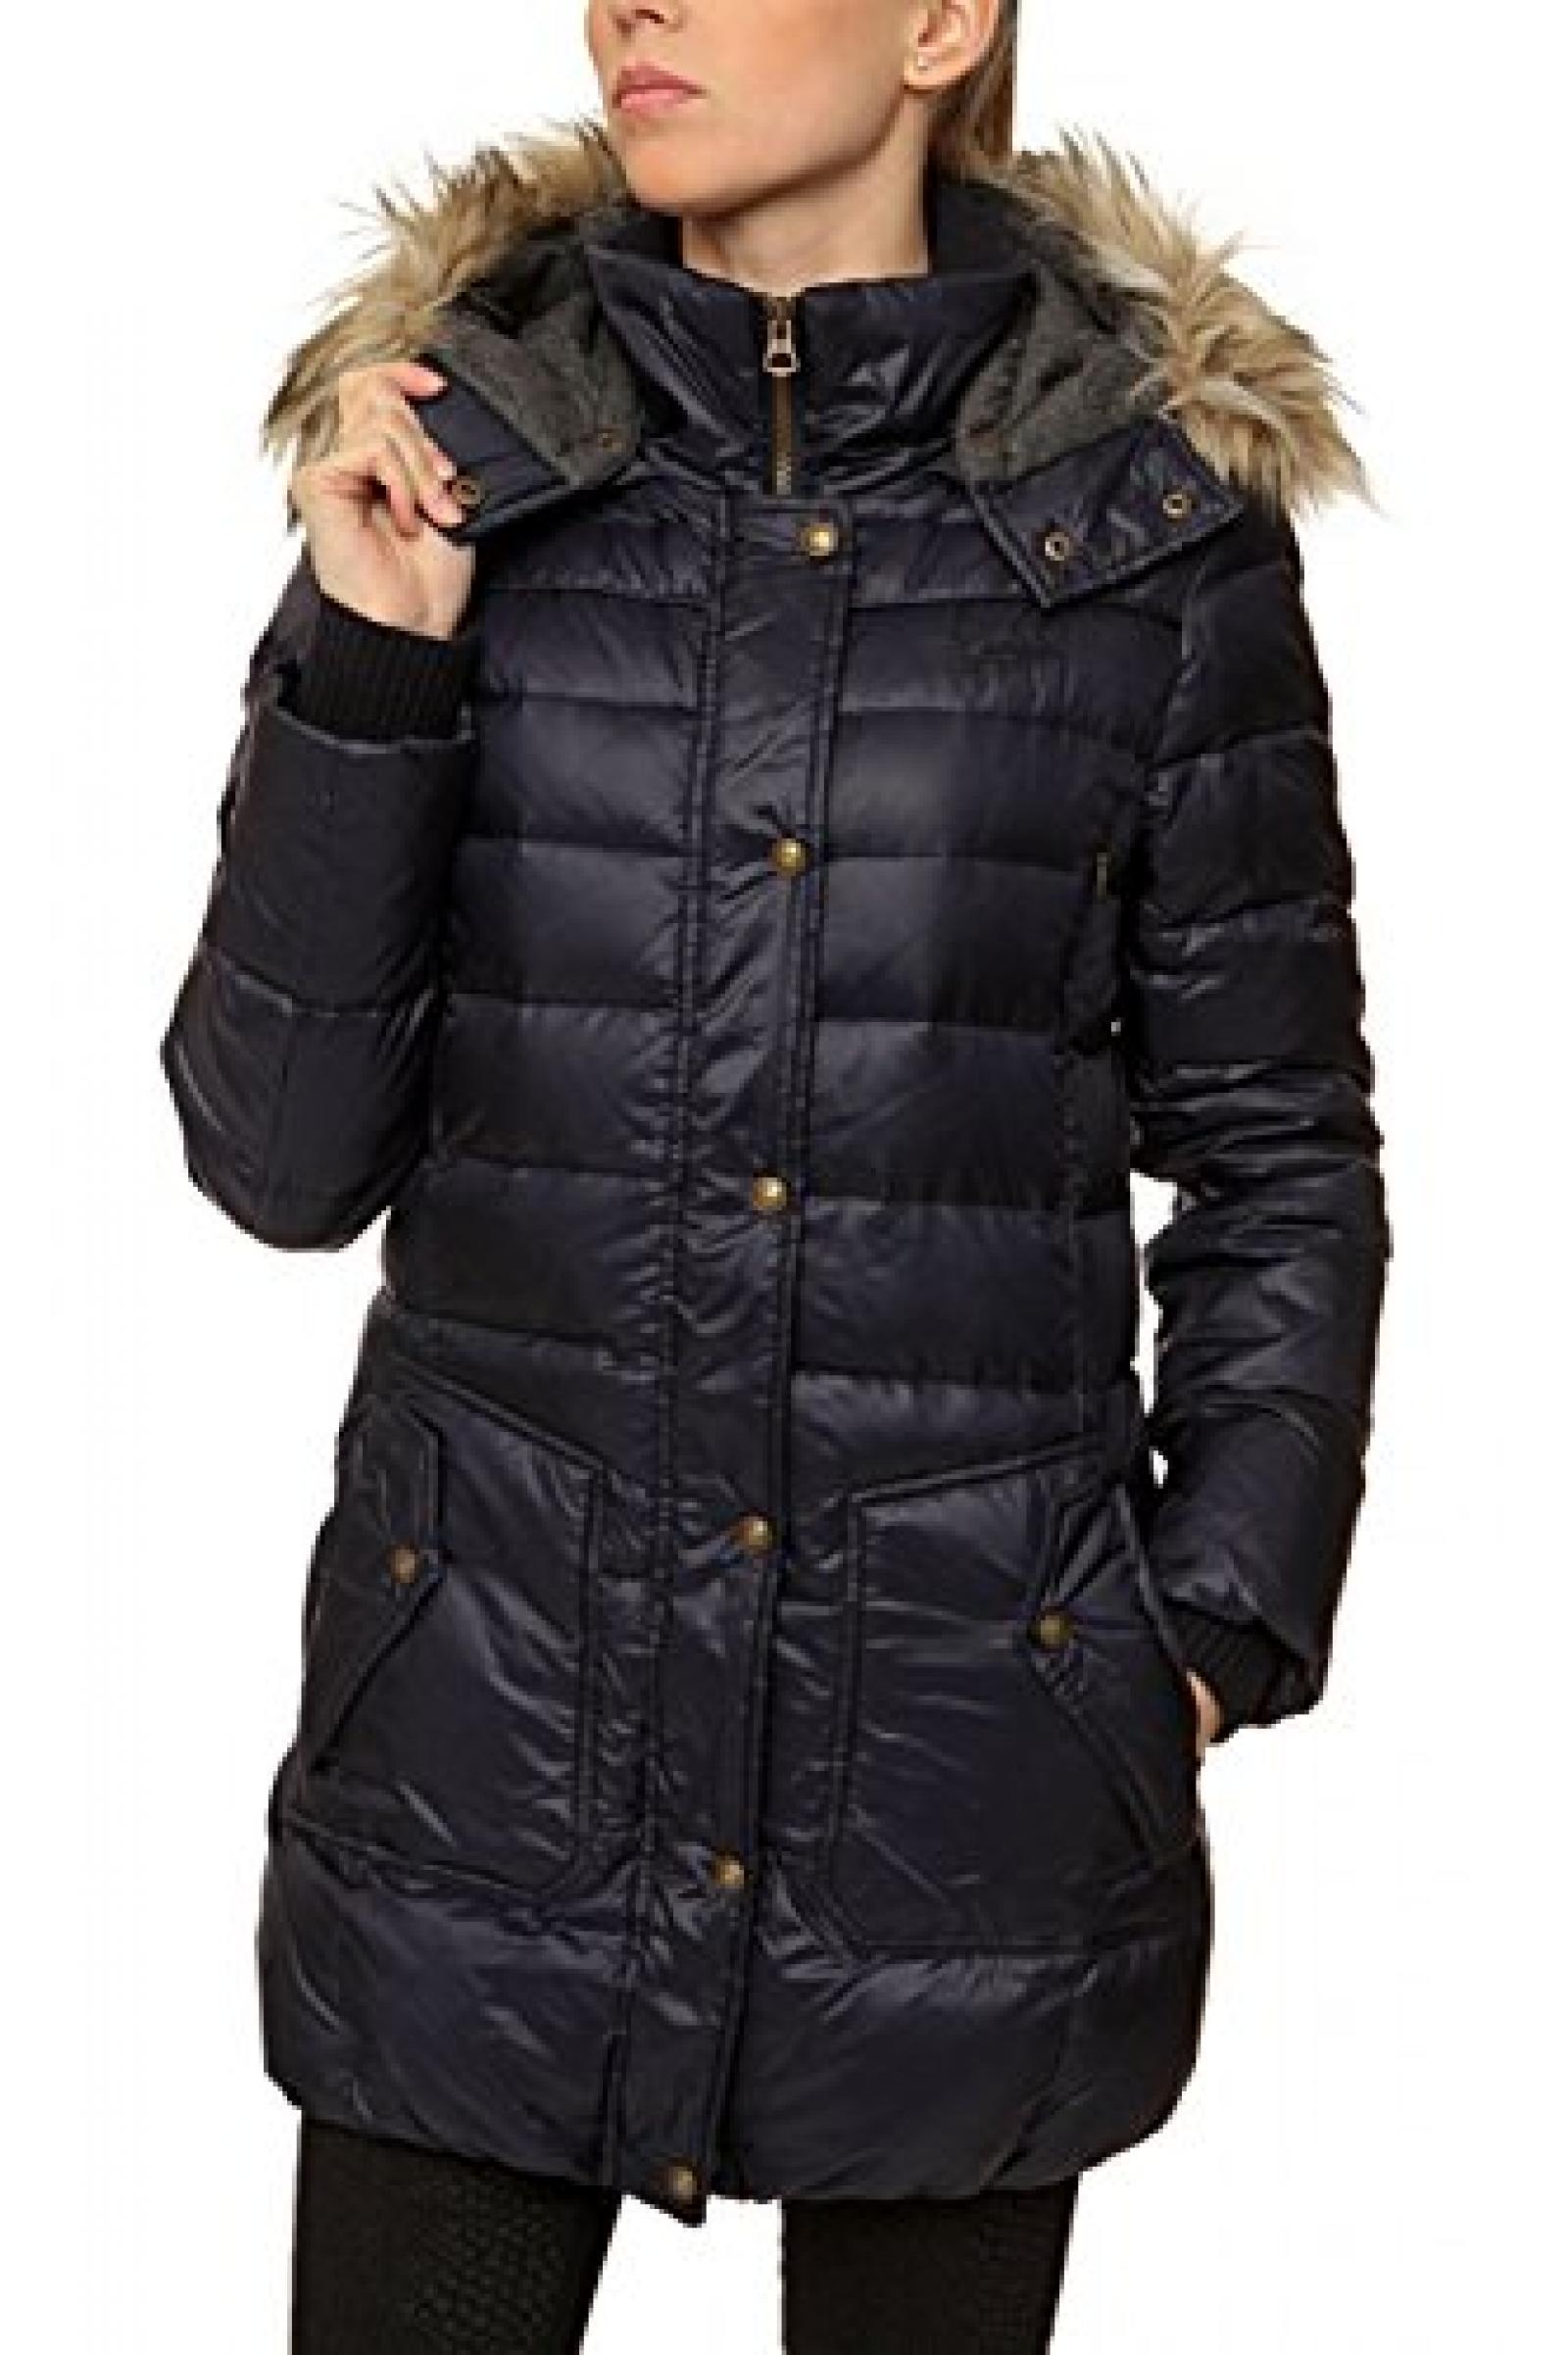 Campus Damen Jacke Daunenjacke , Farbe: Dunkelblau